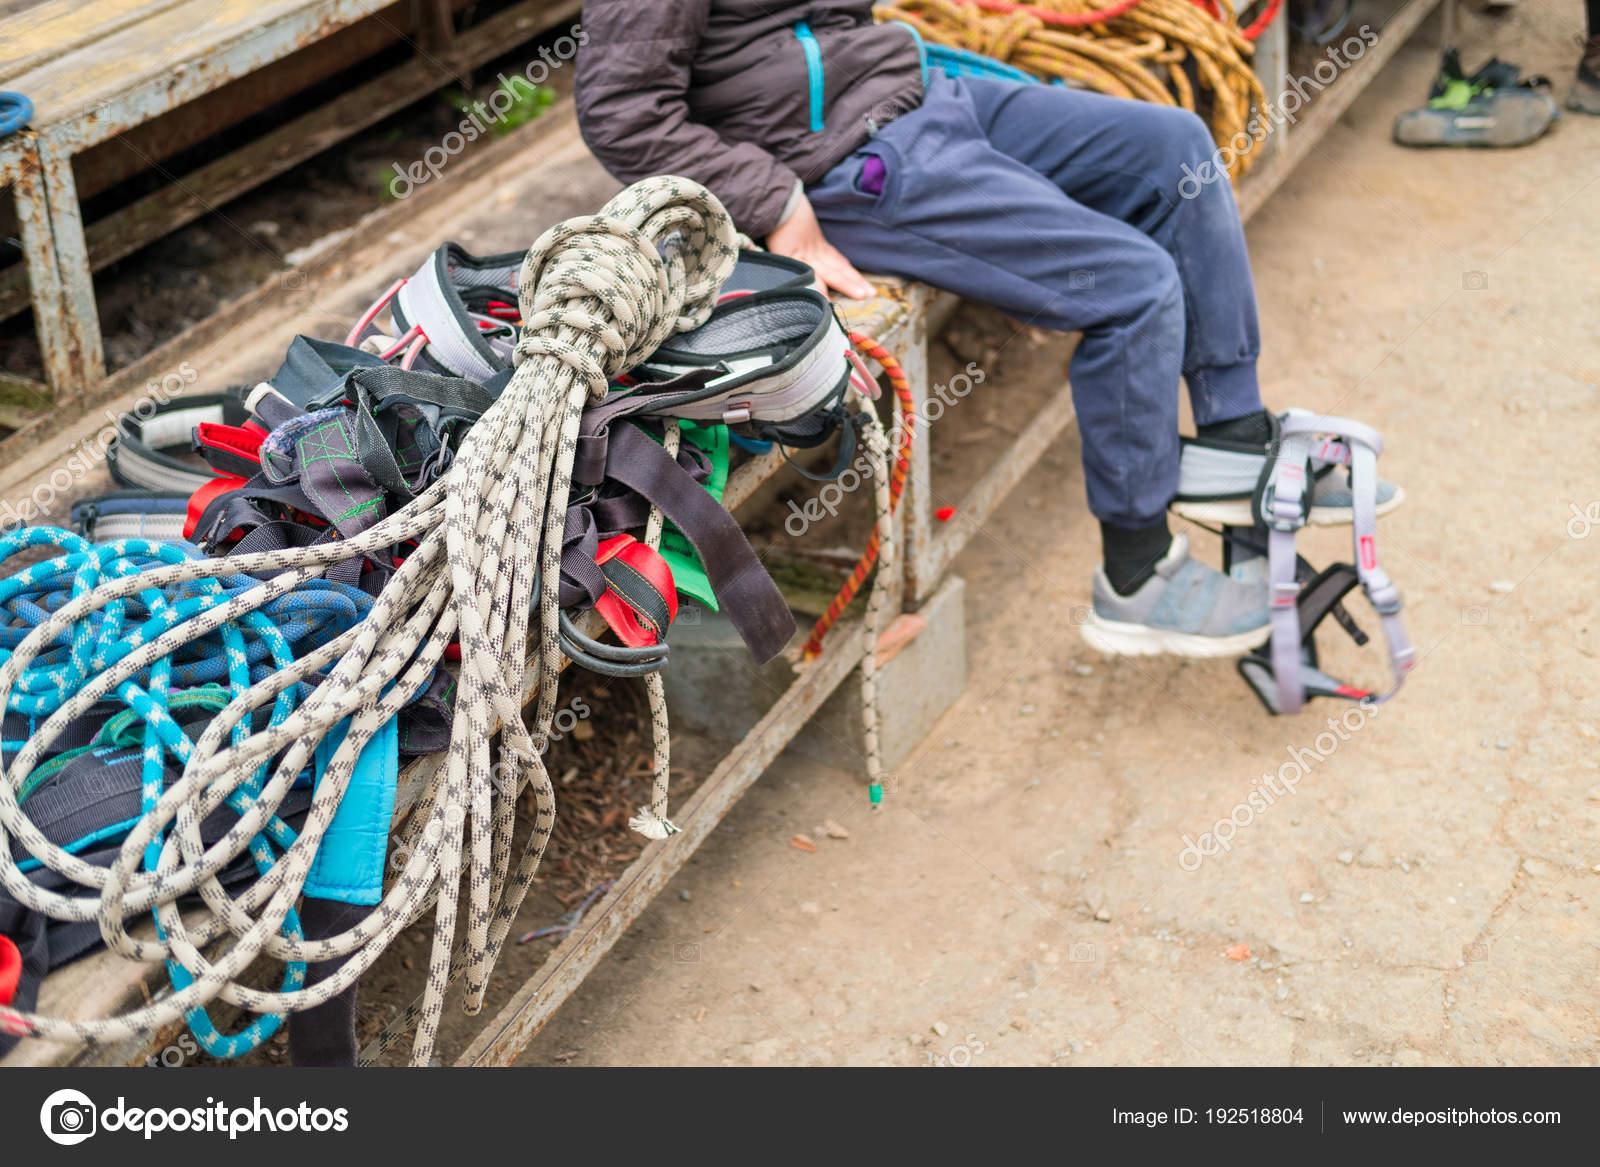 Kletterausrüstung Rucksack : Kletterausrüstung seile karabiner rucksäcke aussetzung zum sitzen